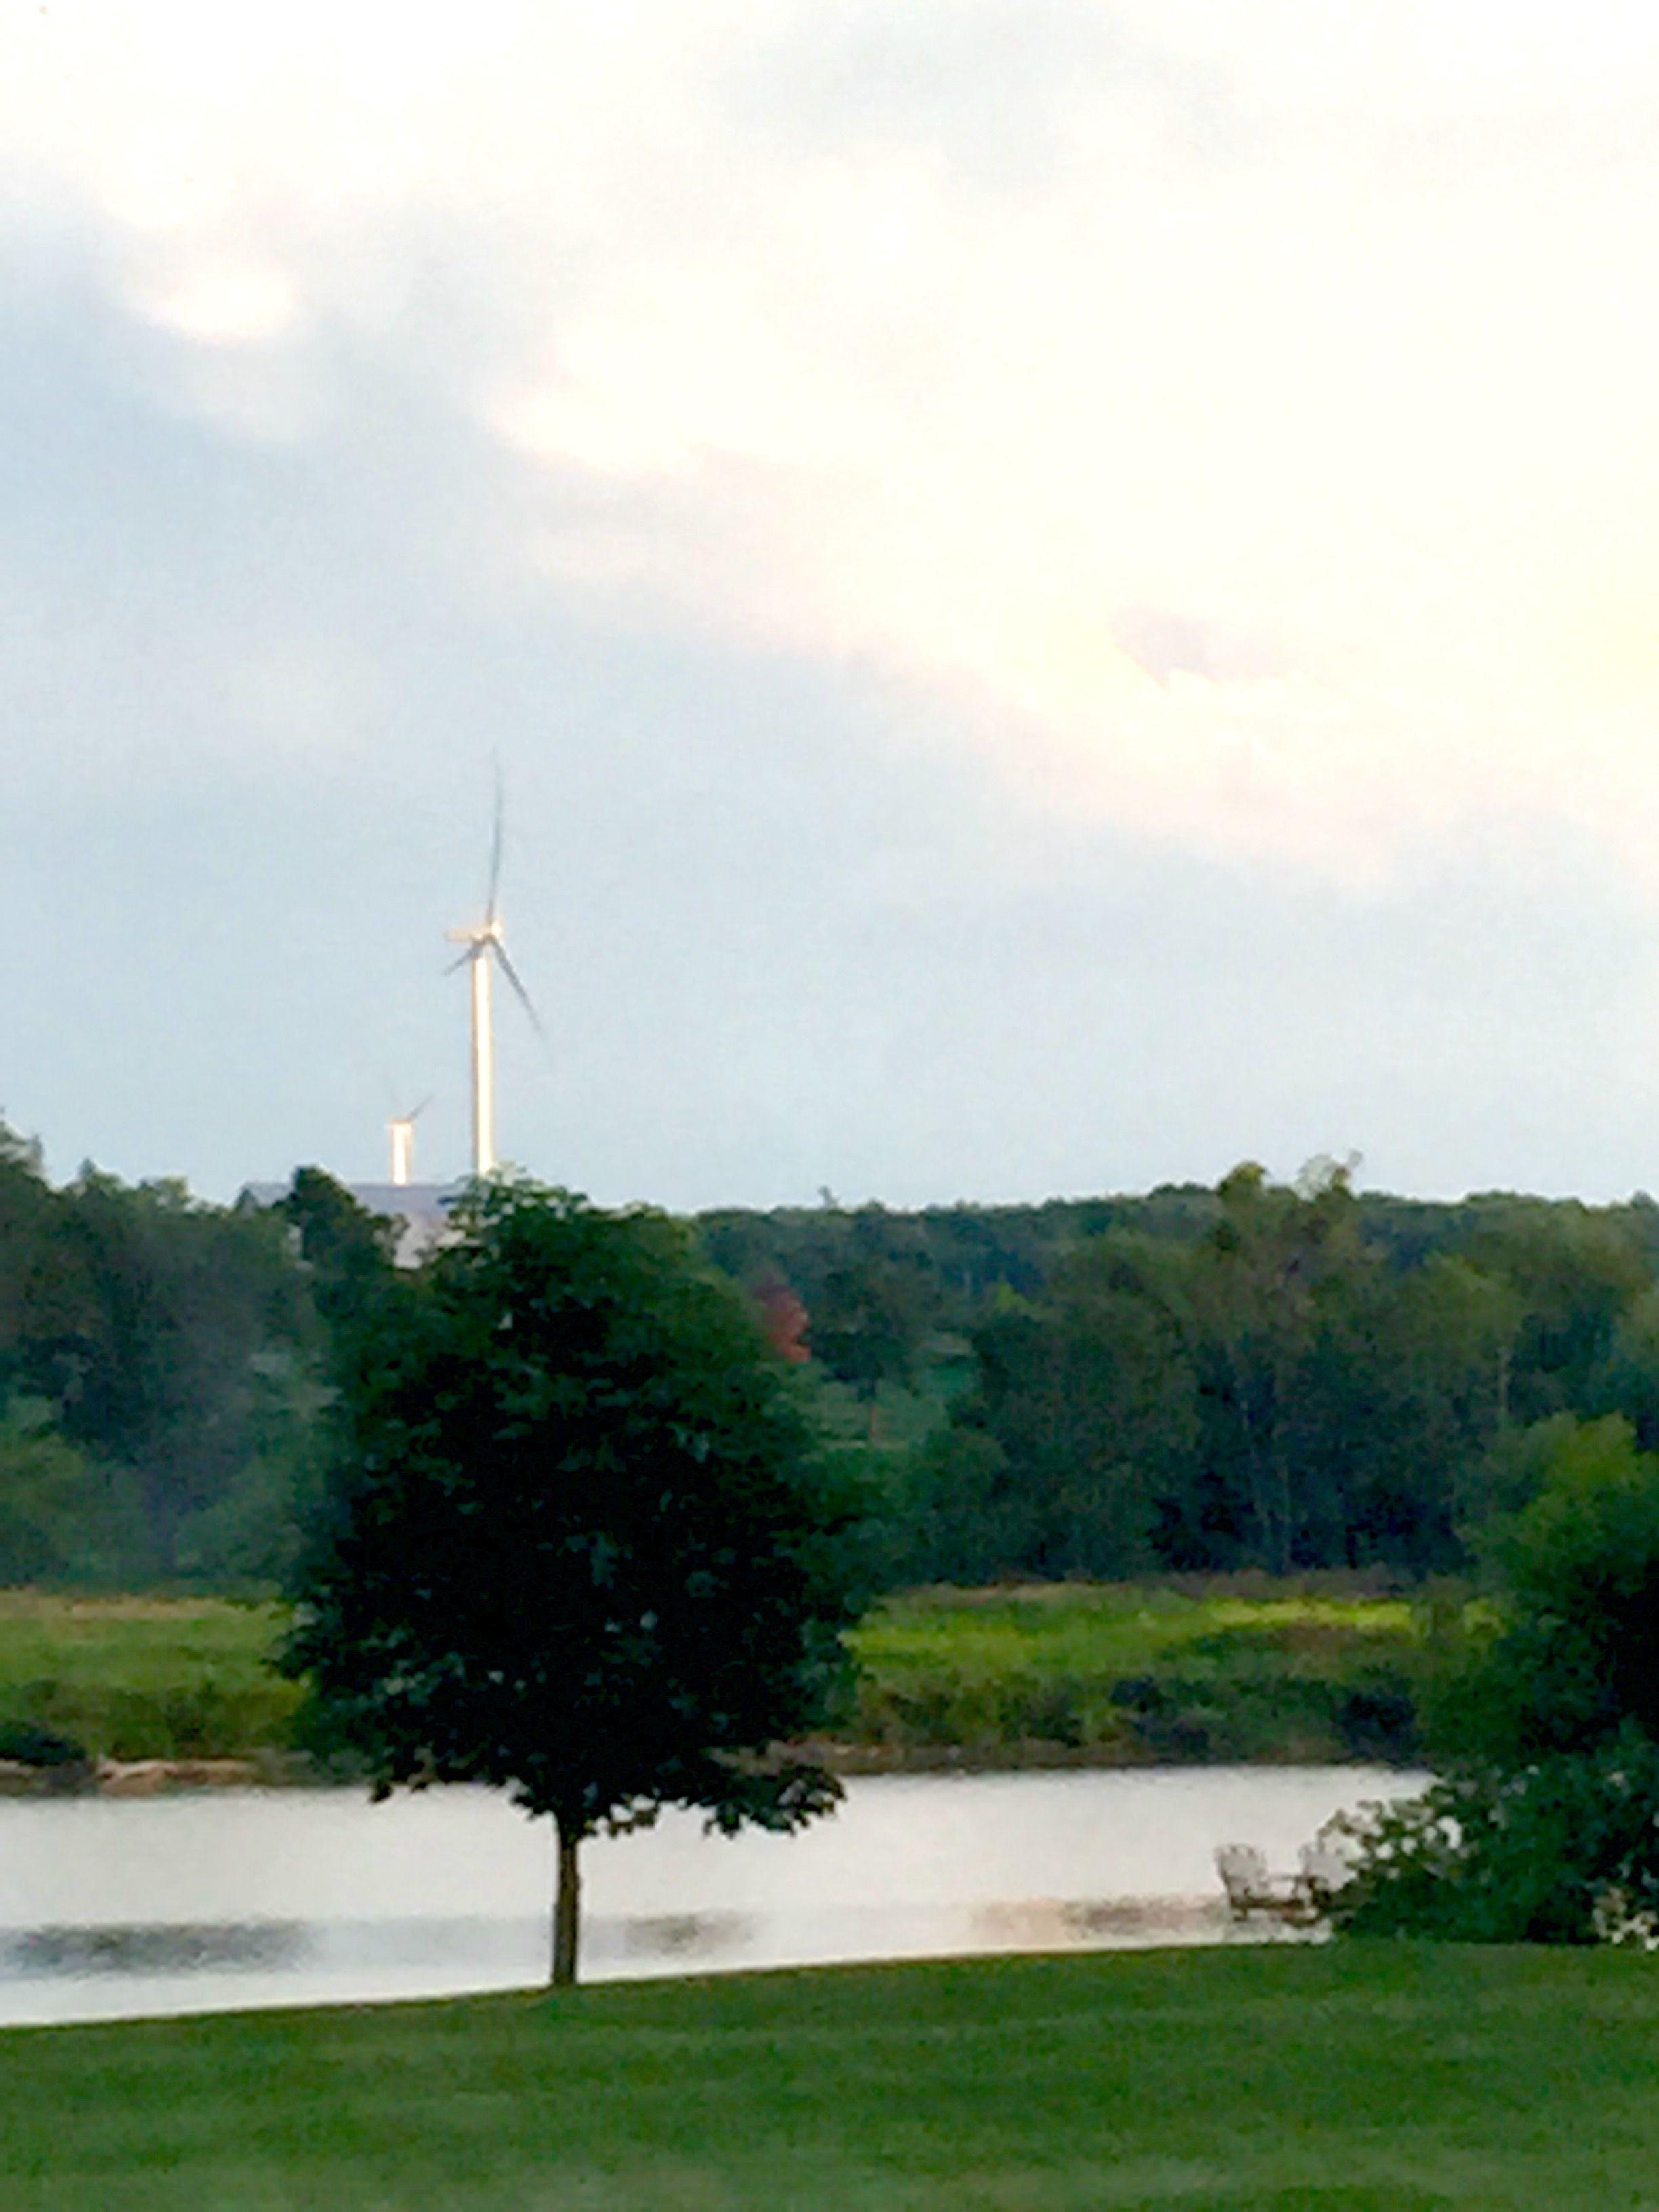 Wind Turbines Wind turbine, Golf courses, Turbine